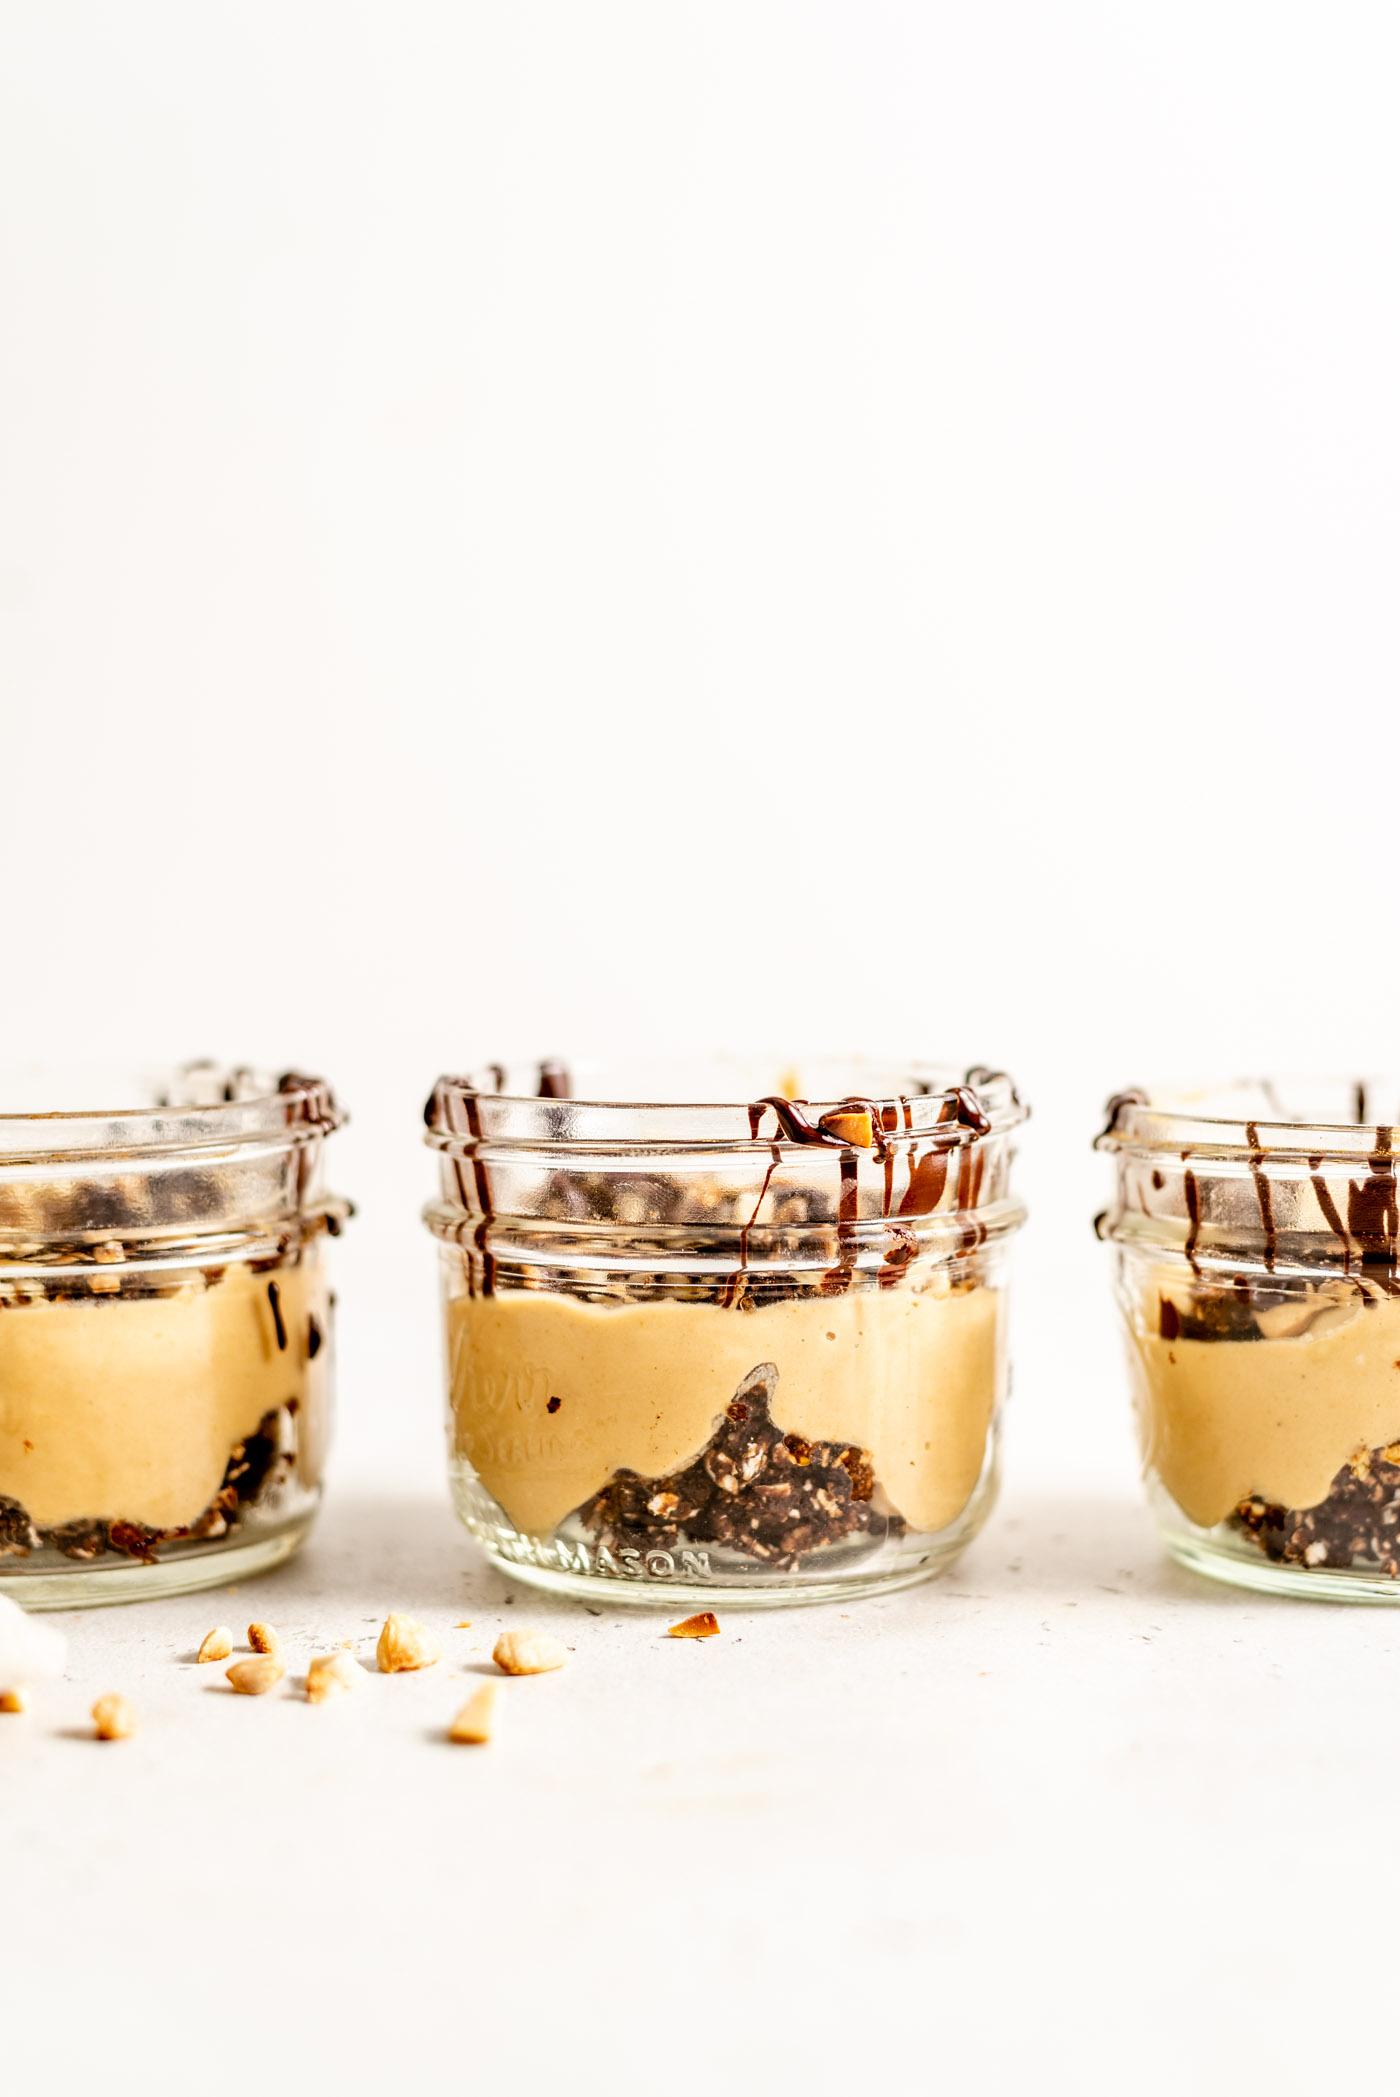 Vegan Peanut Butter Mousse Parfaits